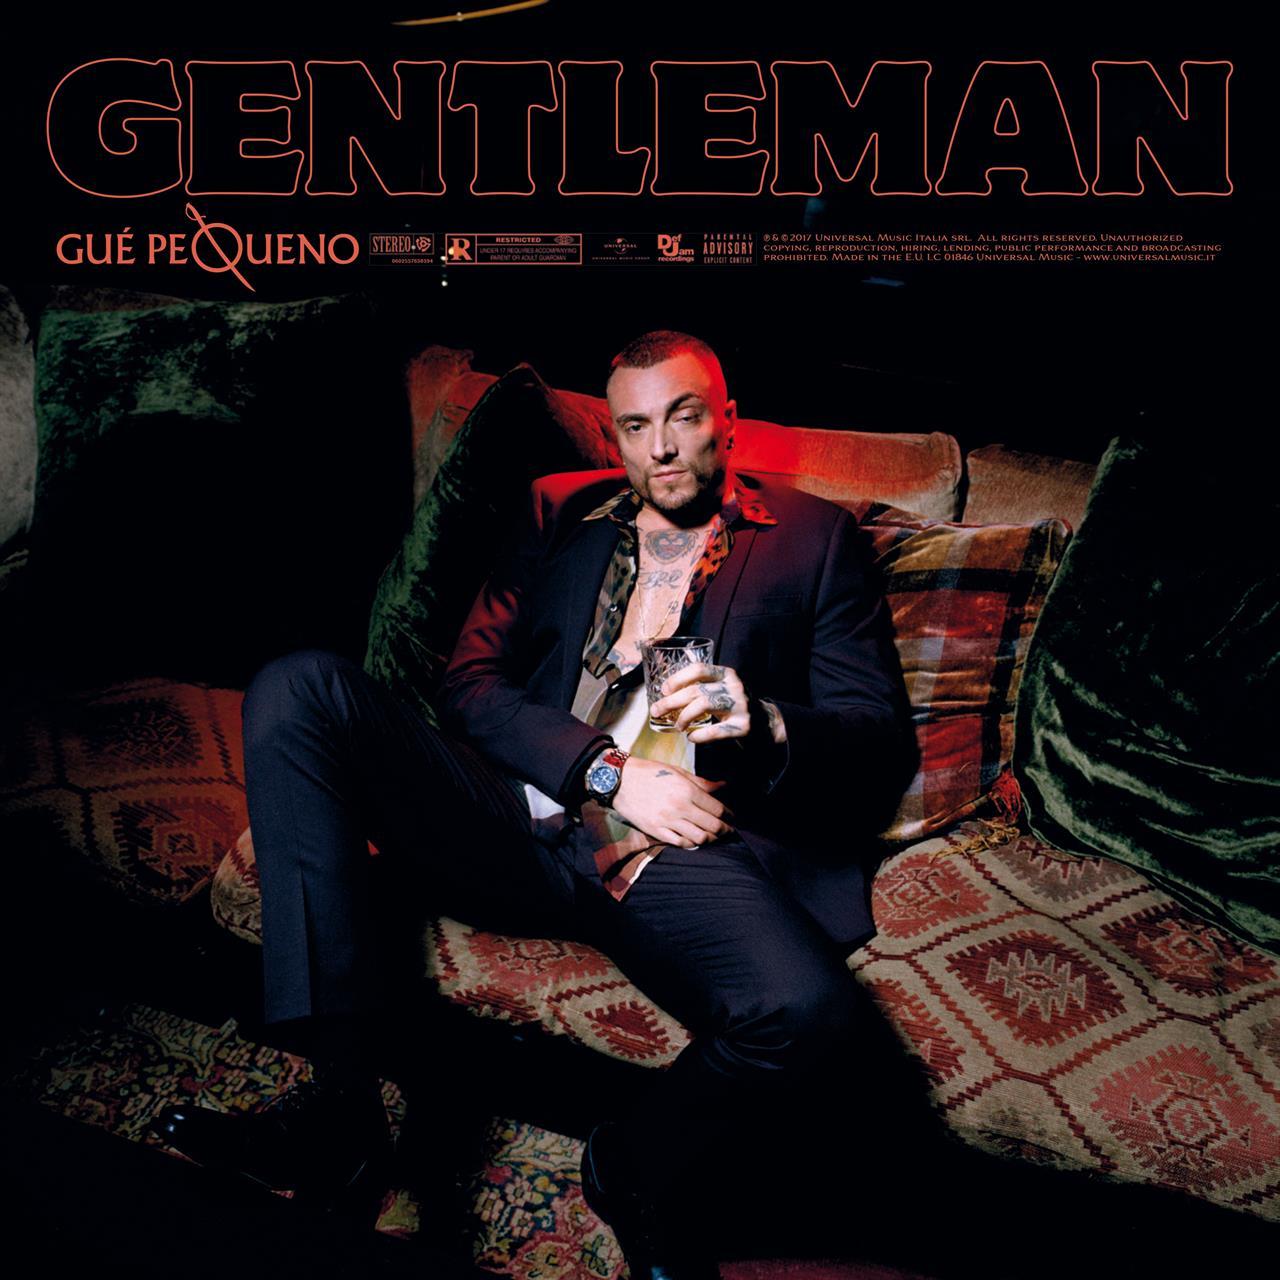 Gentleman ROSSO